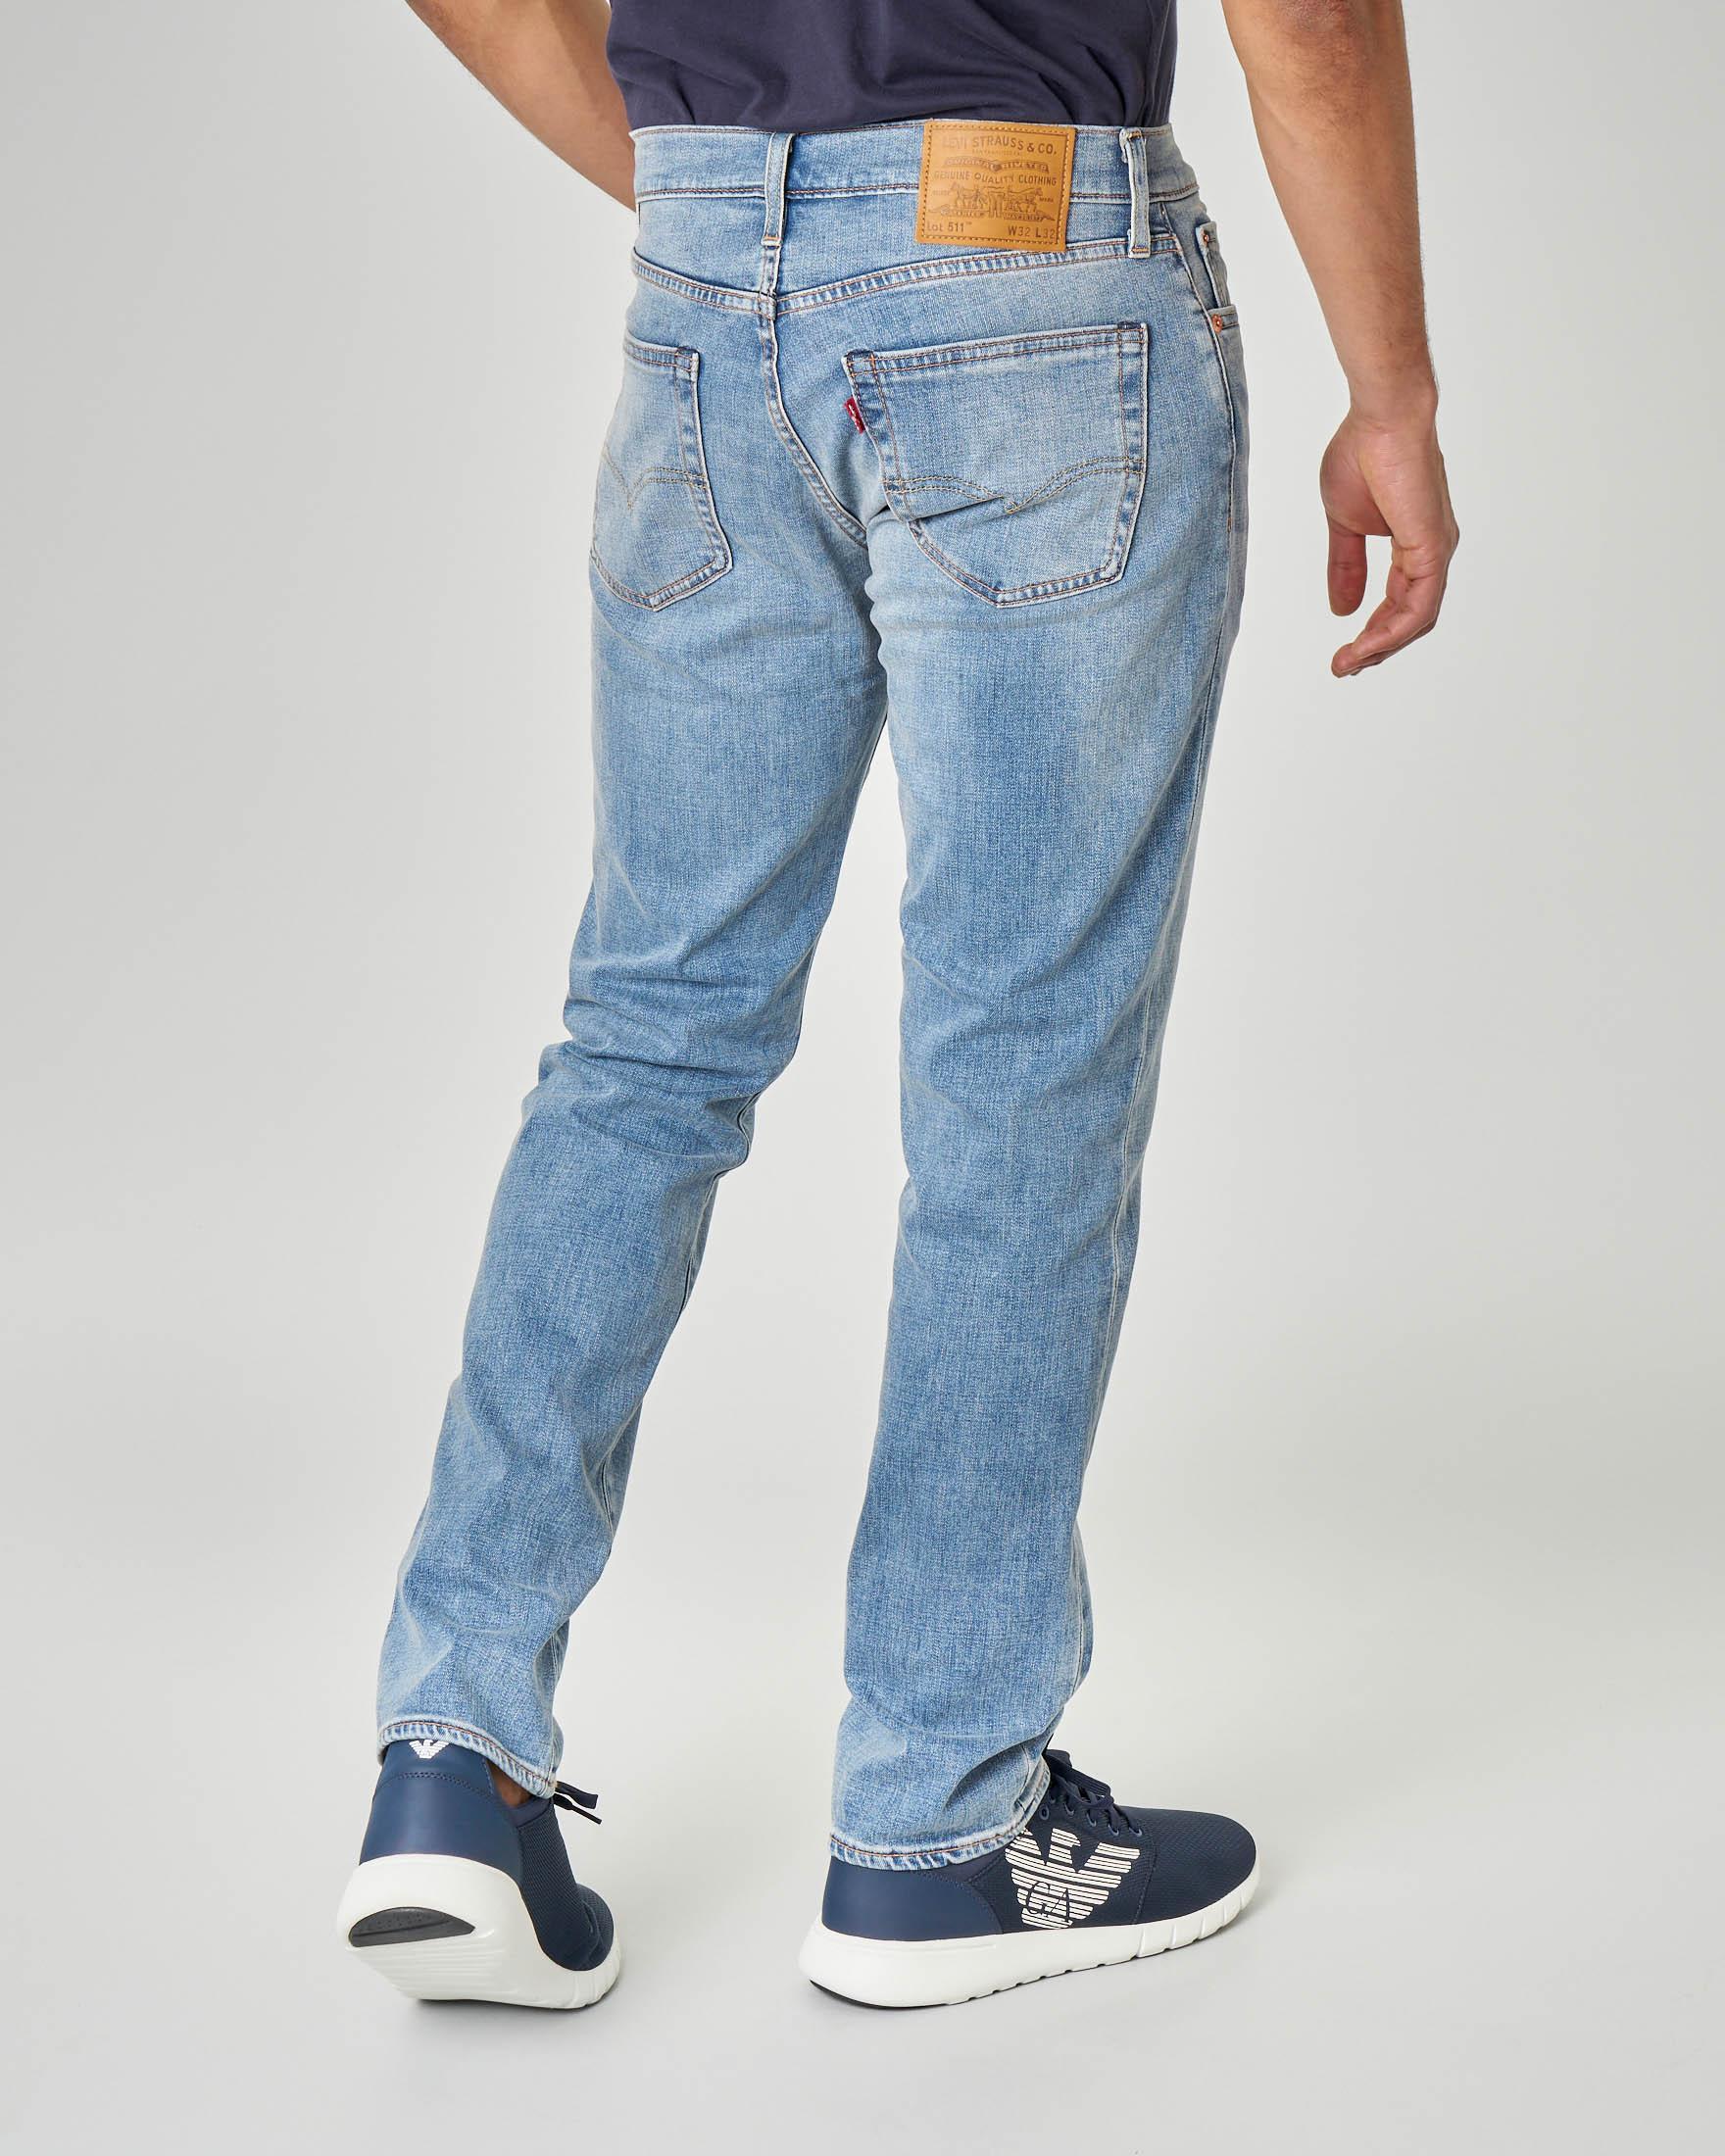 Jeans 511 lavaggio super stone wash